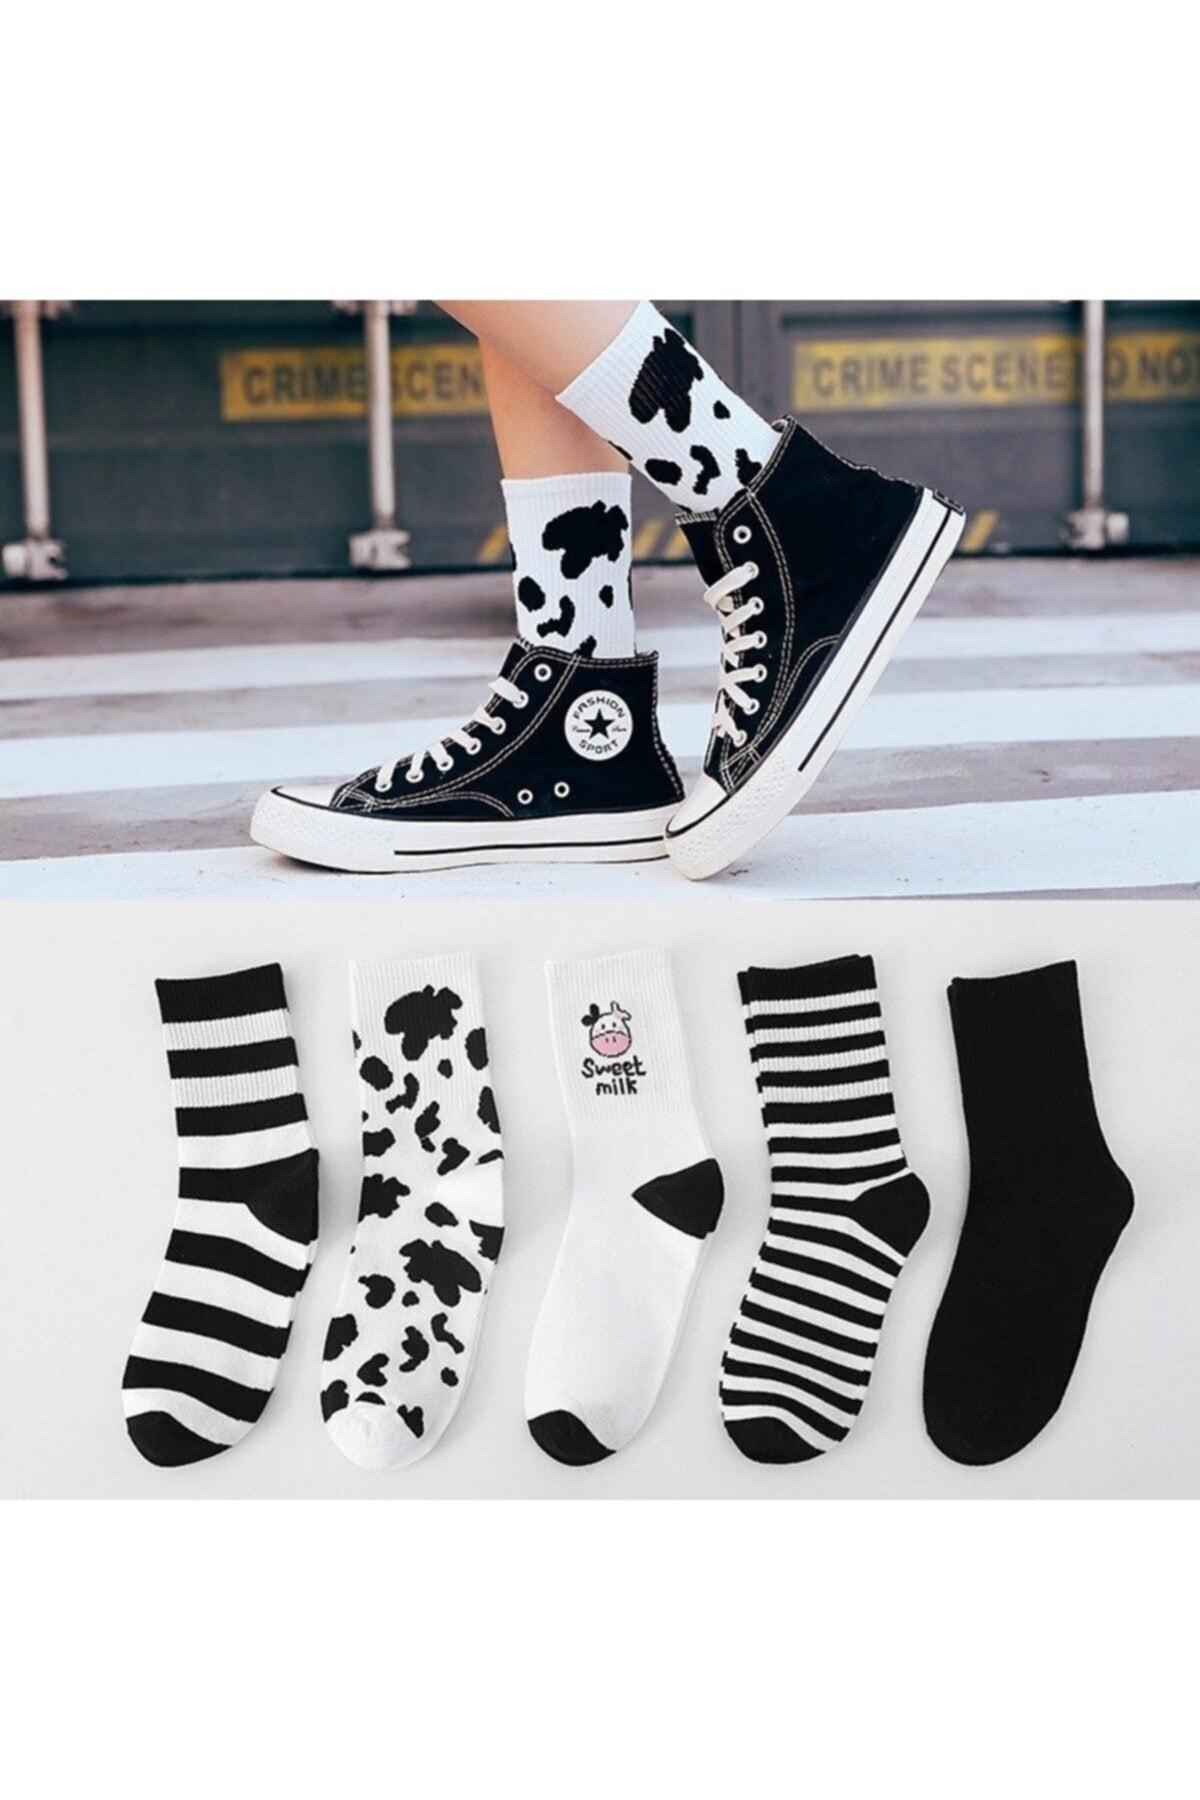 çorapmanya Kadın 5 Çift Siyah + Beyaz Inek Desenli Çizgili Tenis Çorabı 1